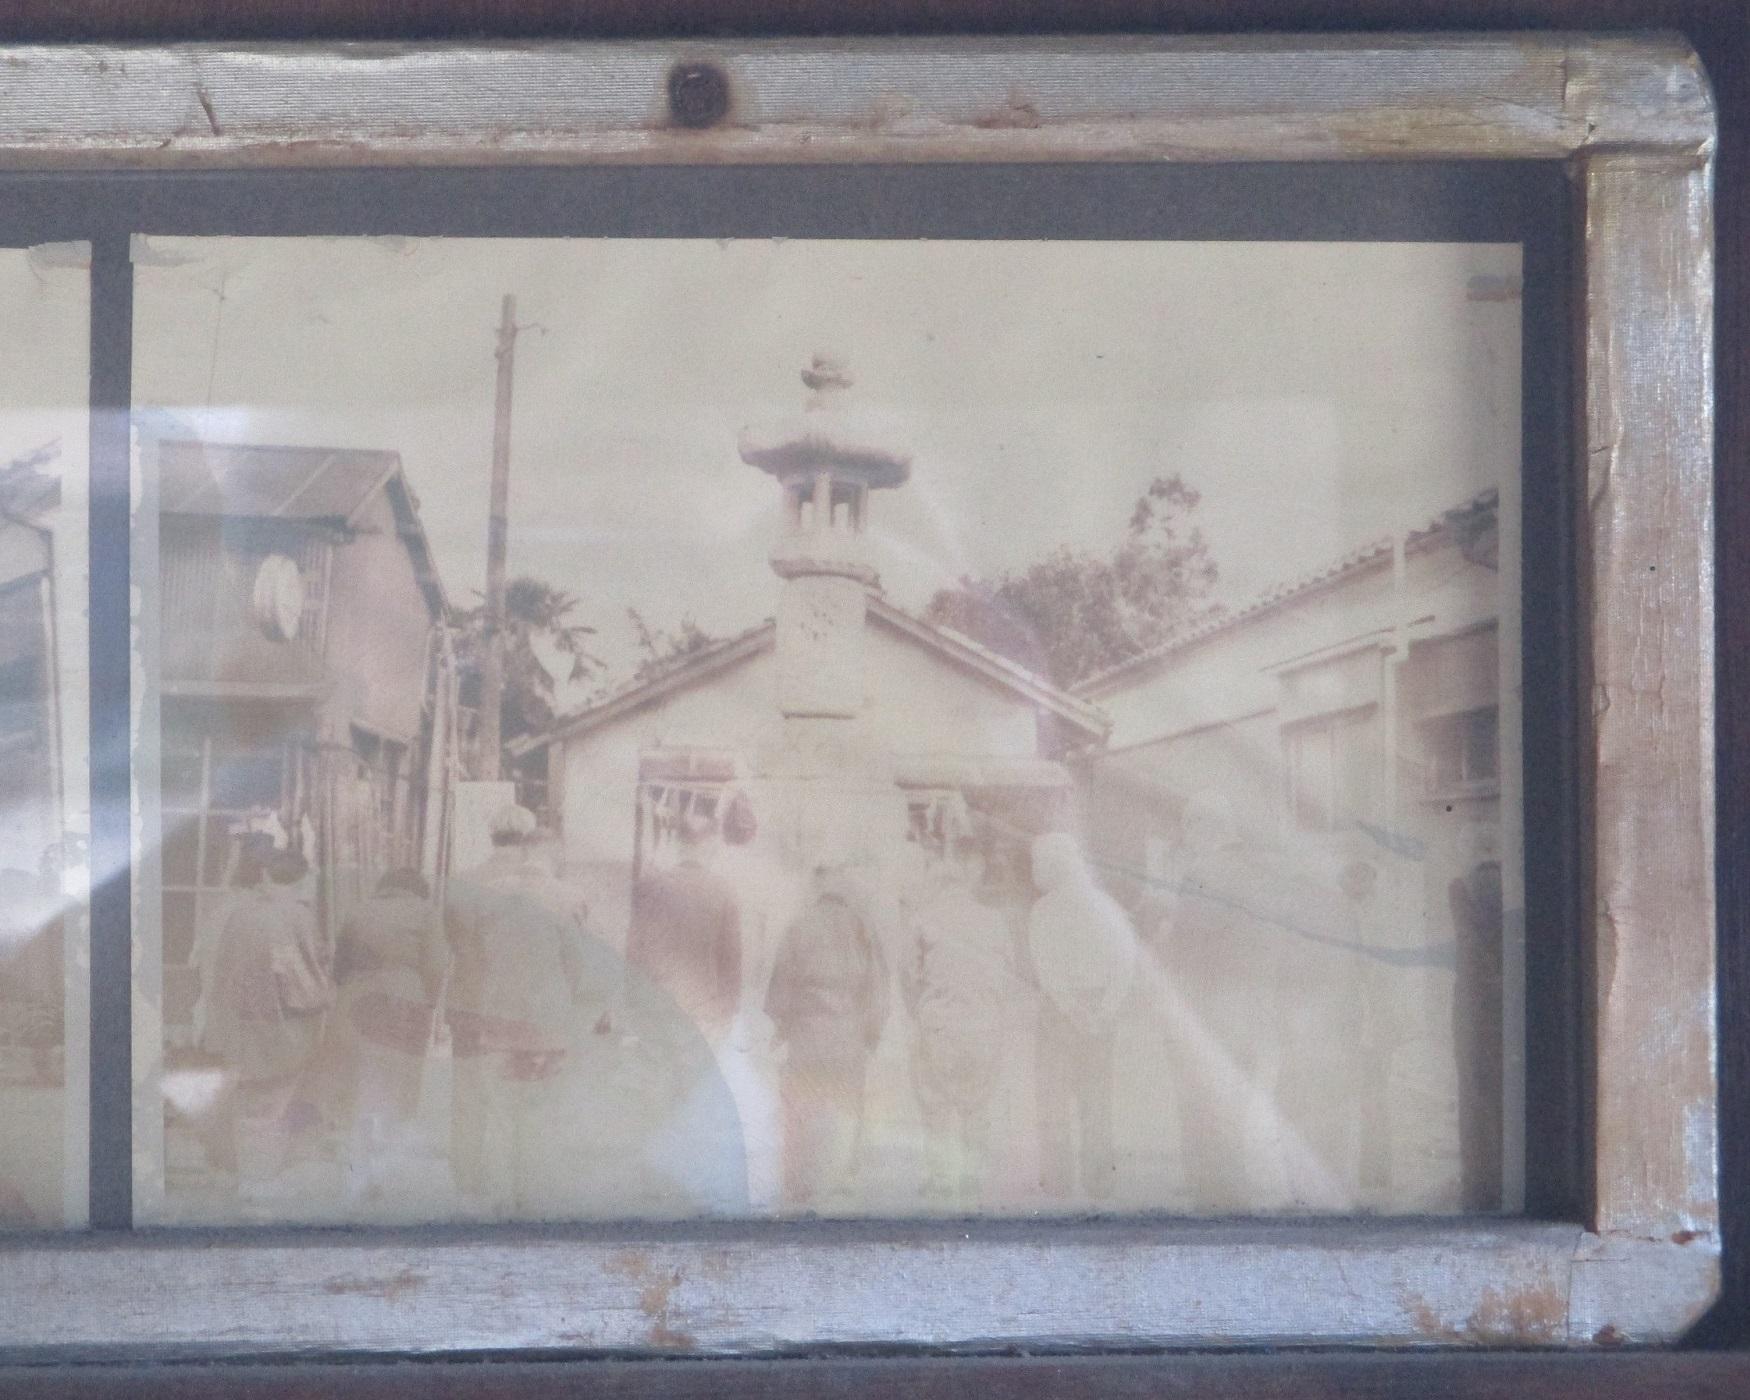 2019.10.9 (29) 両町常夜灯 - むかしの写真 1750-1400